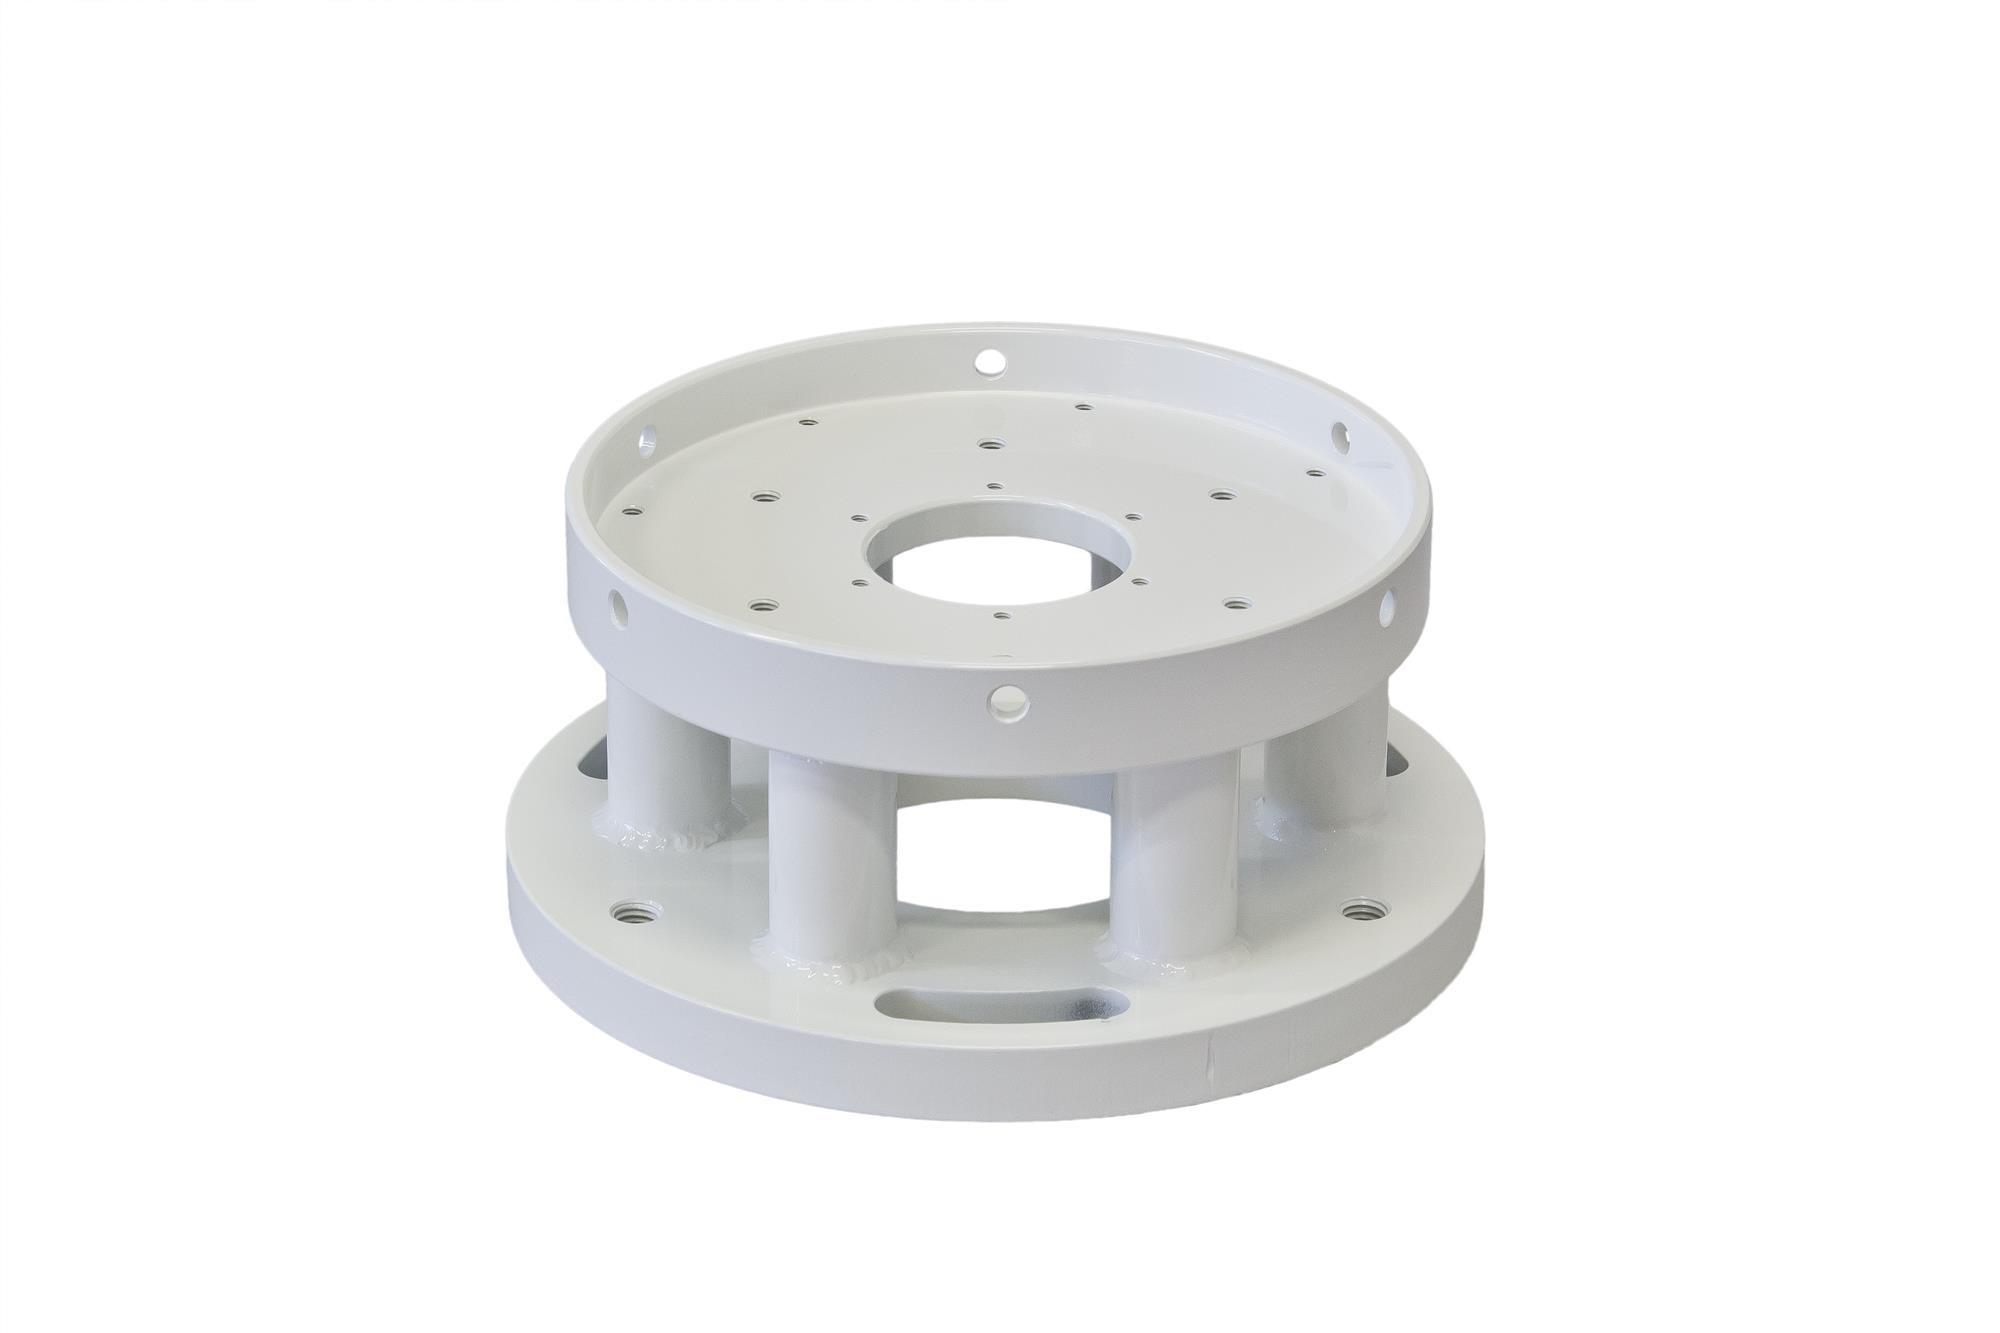 Baader Medium Pillar (BMP) Nivellierflansch für GM 2000 und AP 1100/900 GTO Montierungen